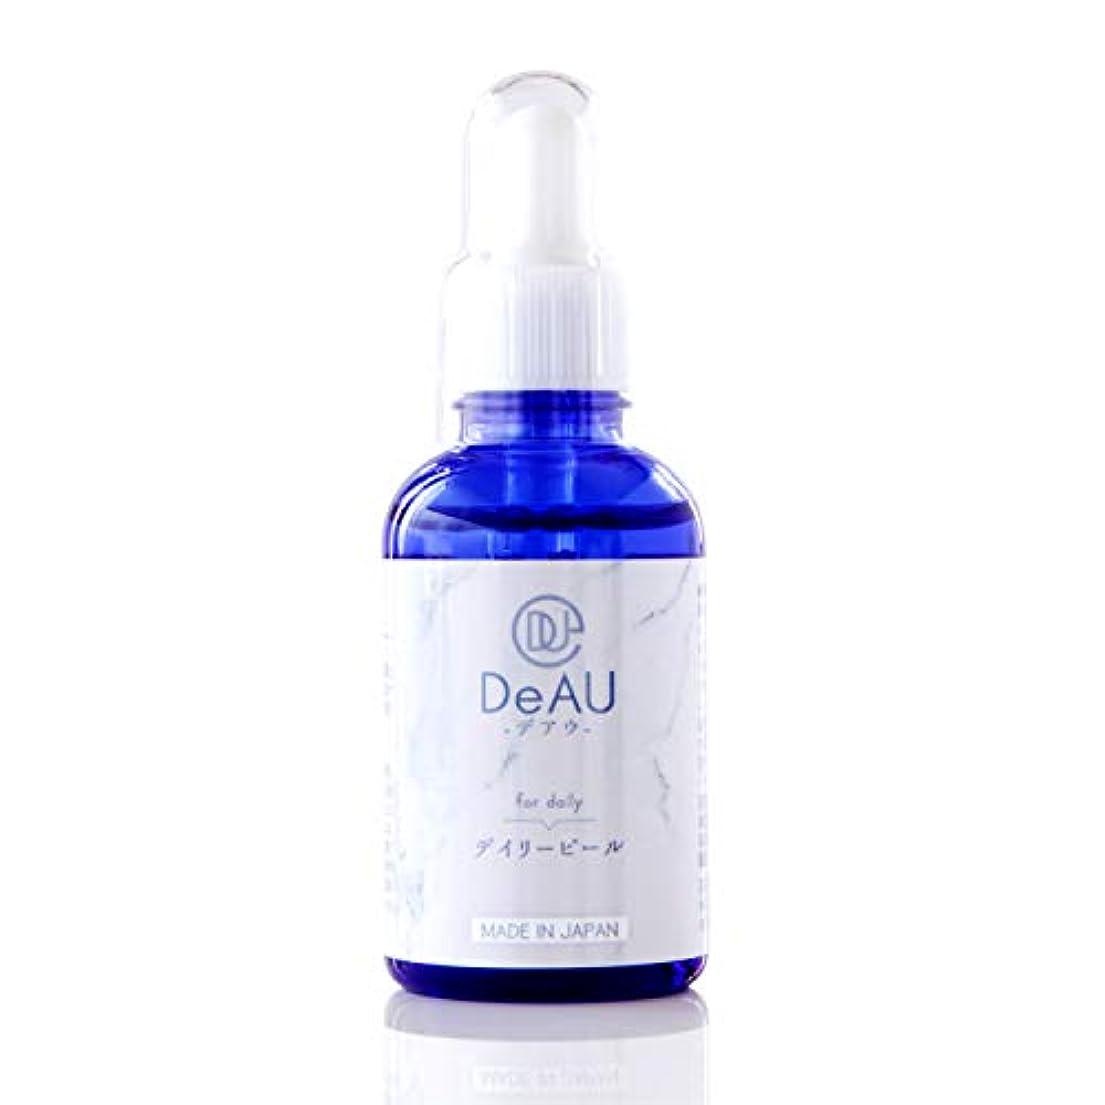 葬儀方程式適合DeAU デアウ デイリーピール 角質柔軟美容液